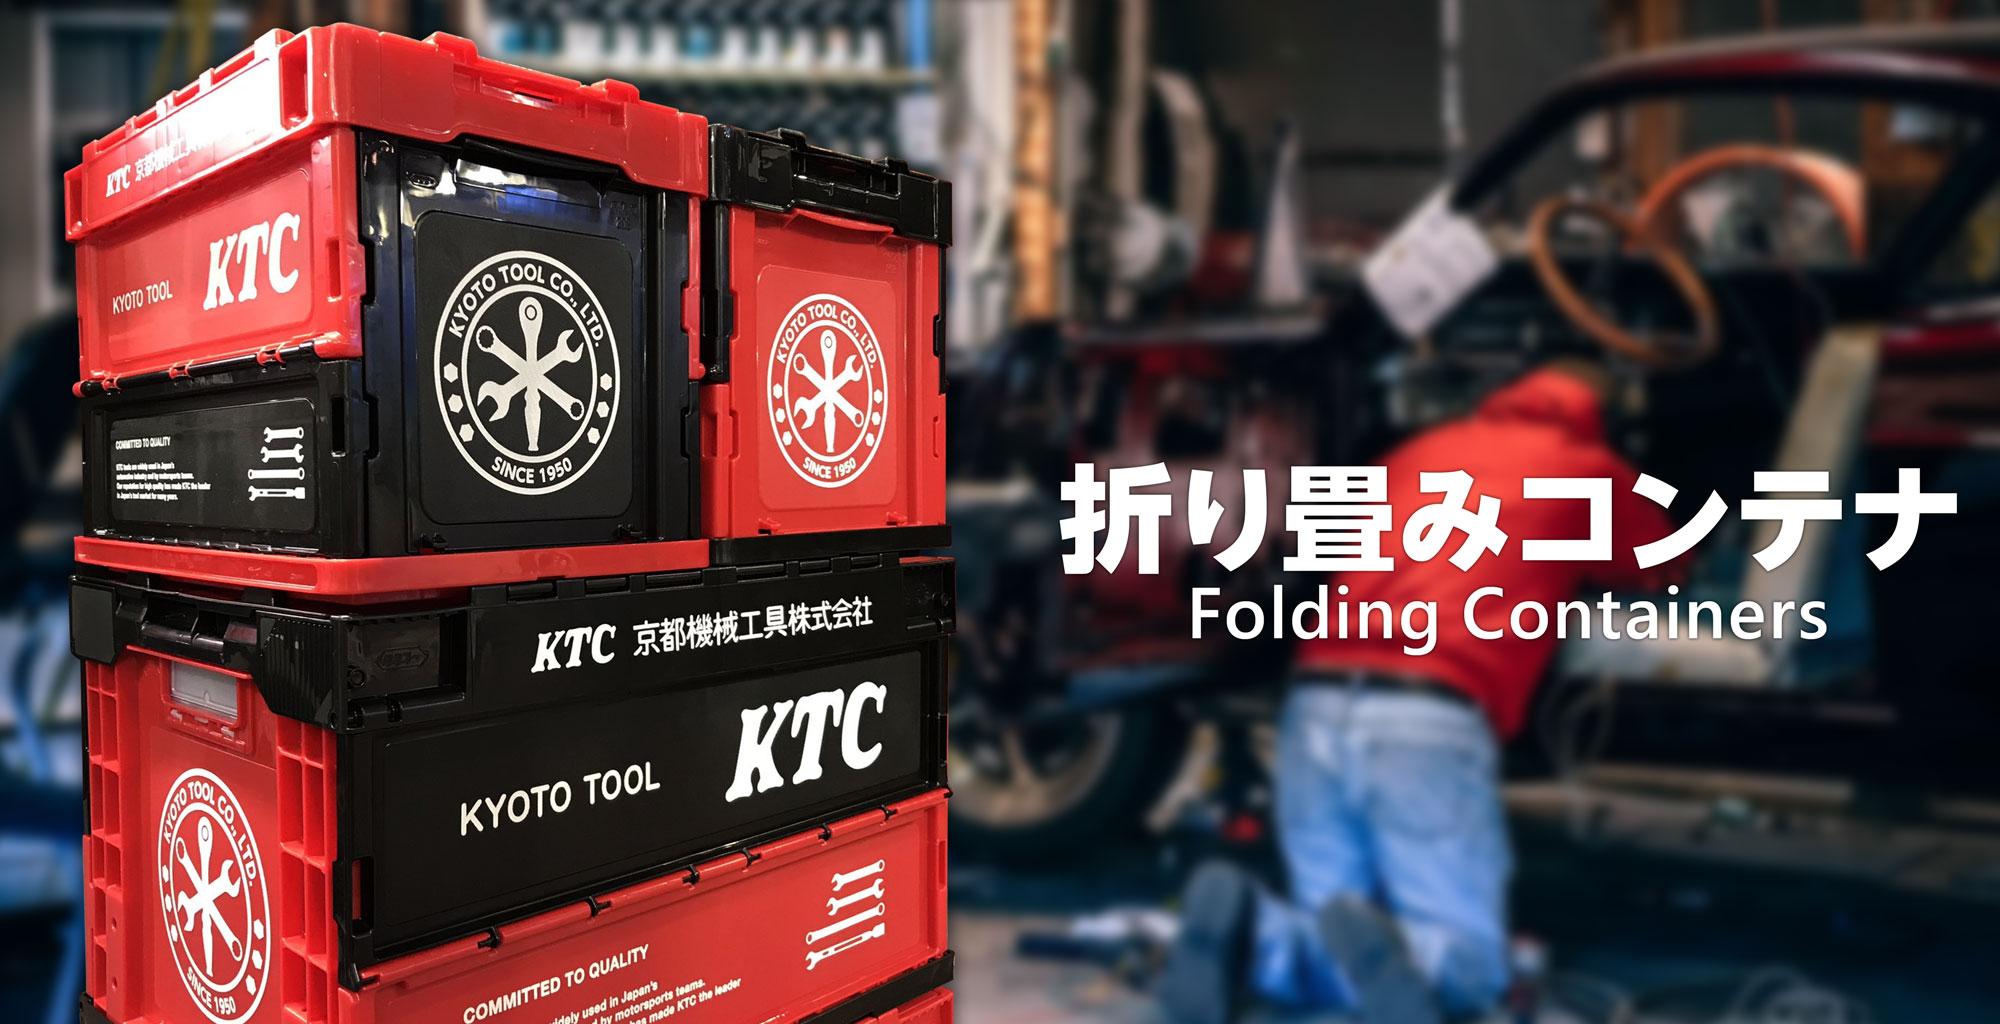 KTC折りたたみコンテナ